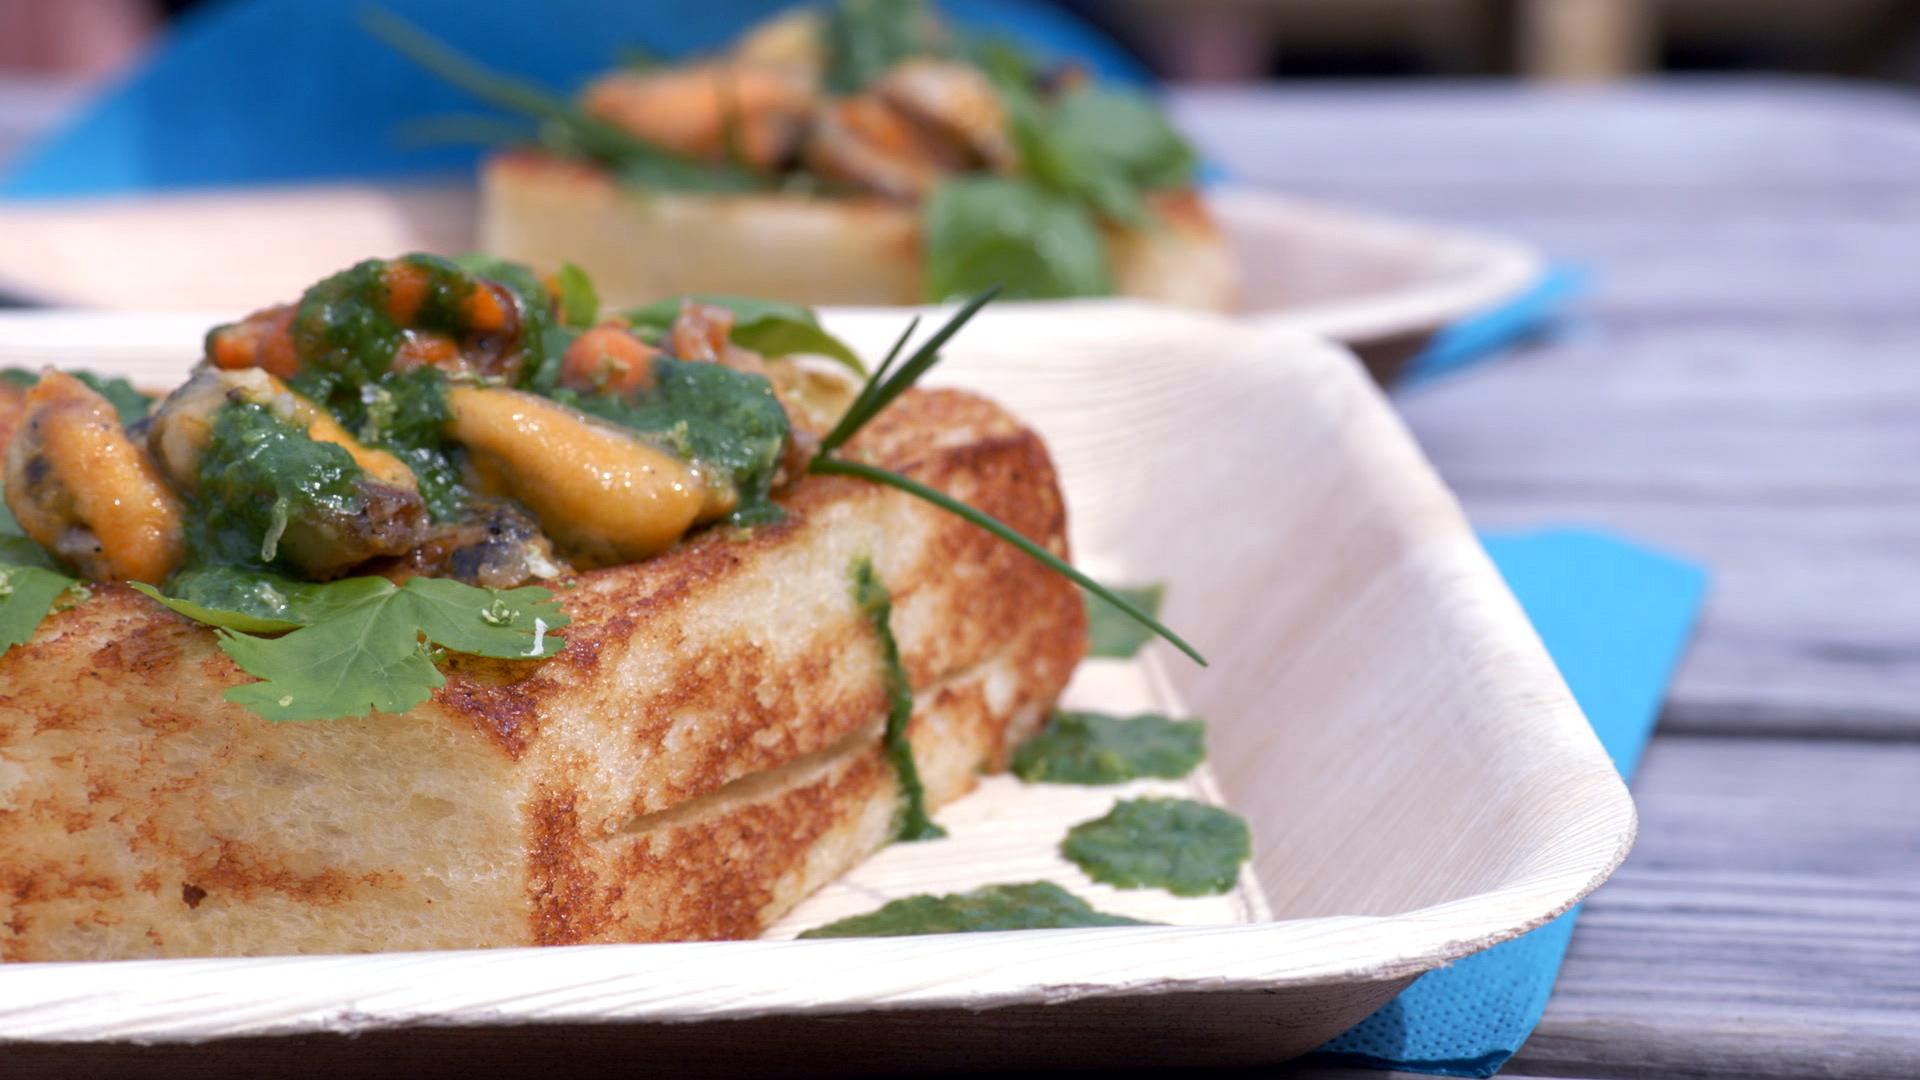 Toast met gebakken mosselen vtm koken - Koken afbeelding ...